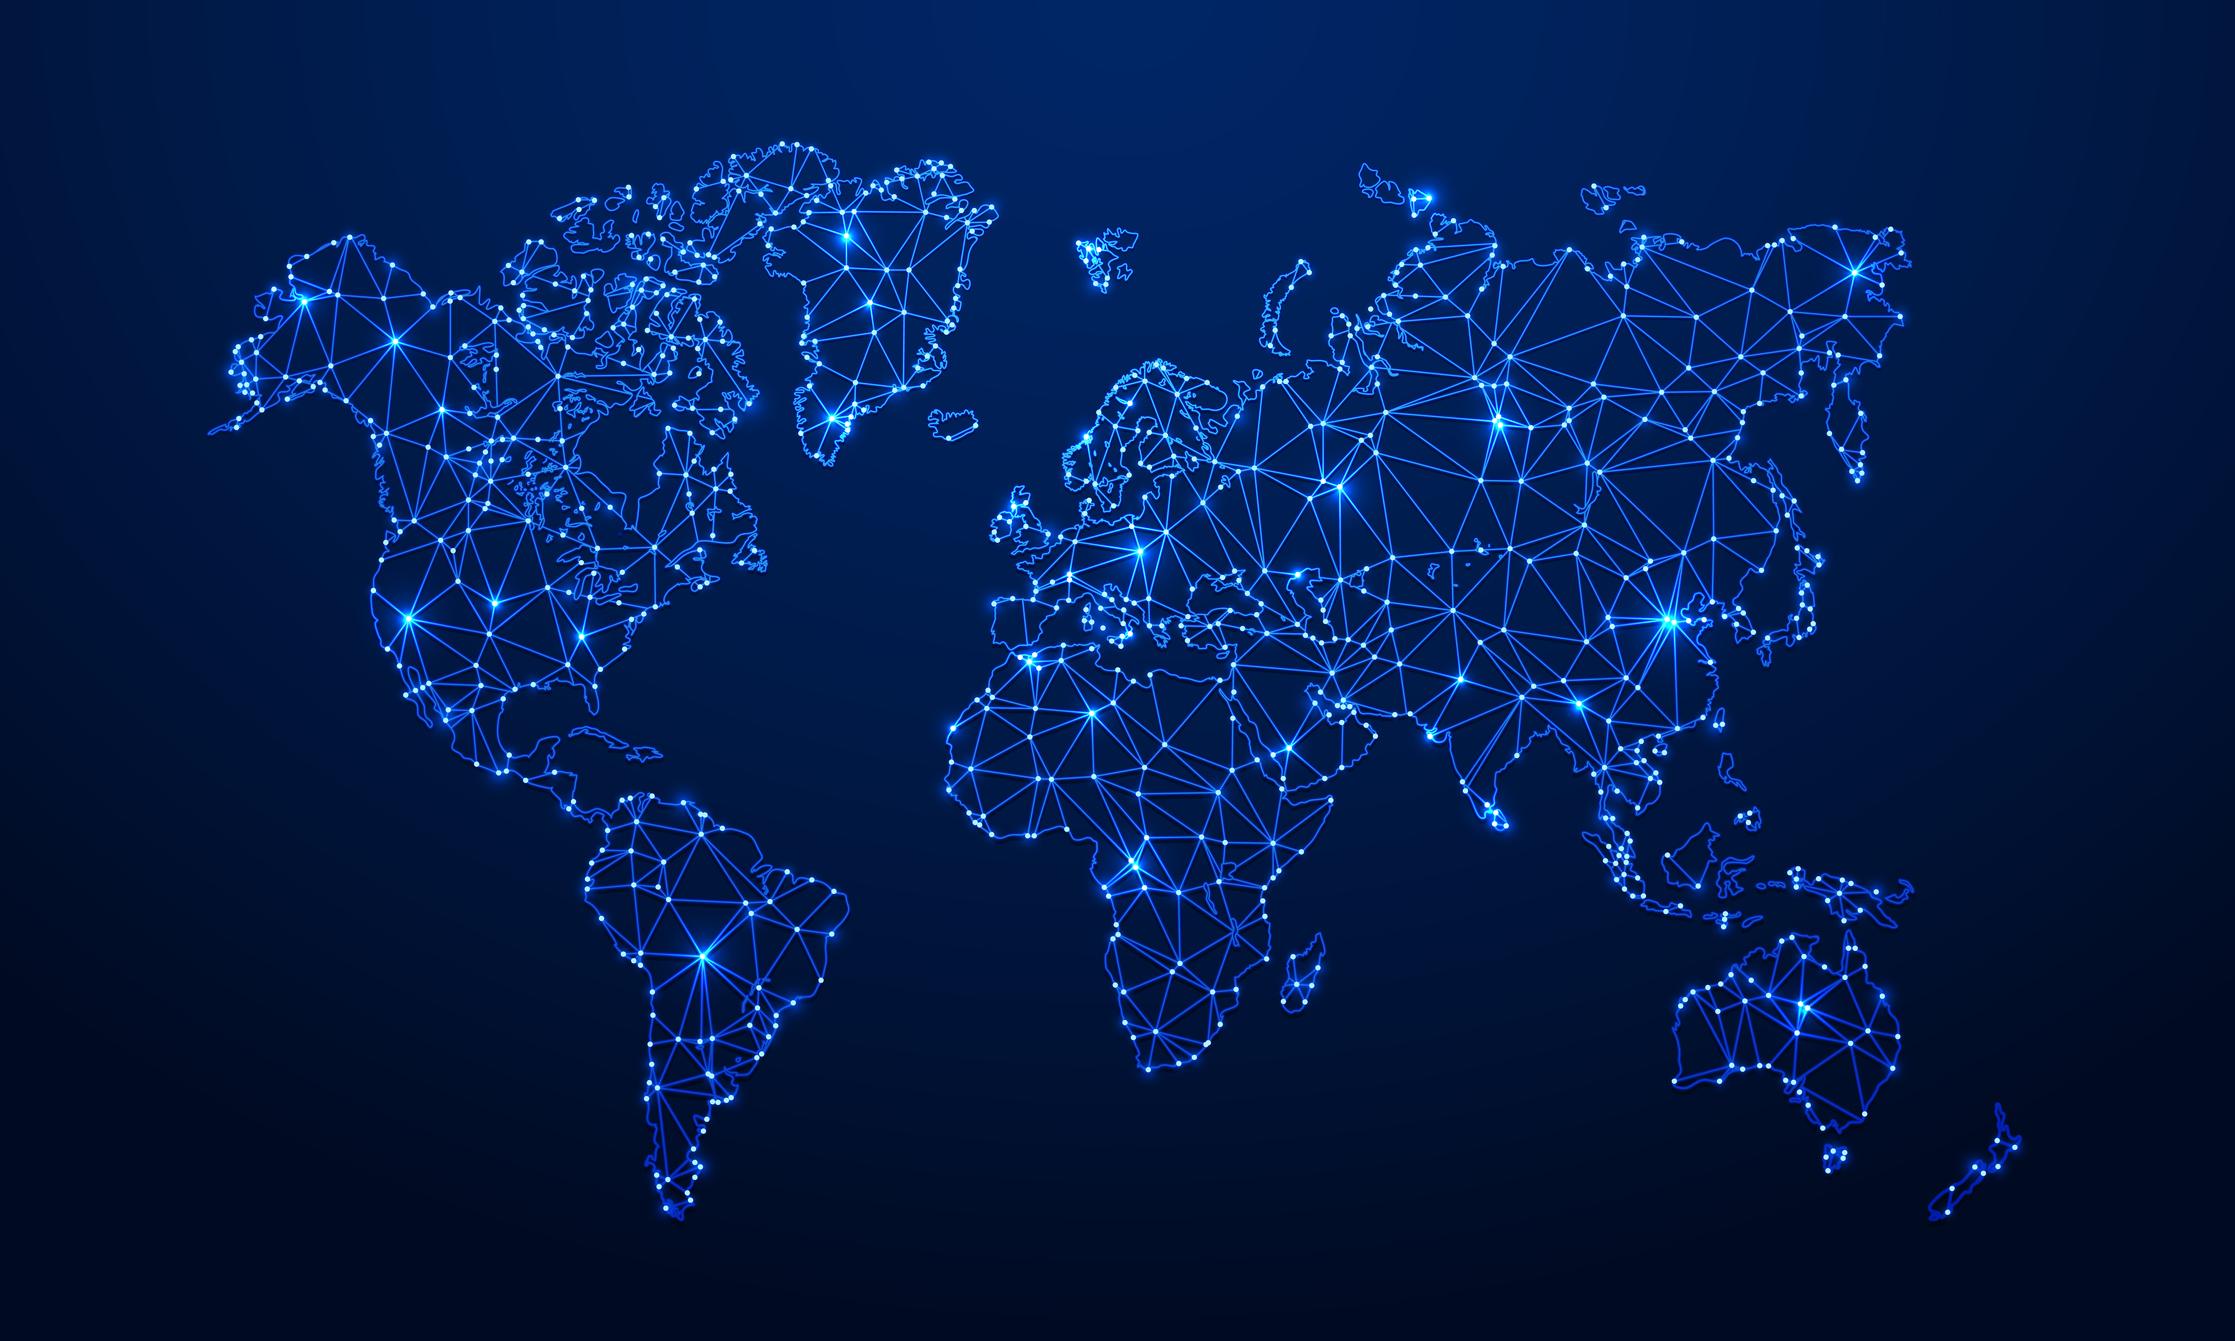 La clause de non-concurrence peut-elle prévoir un périmètre mondial ?